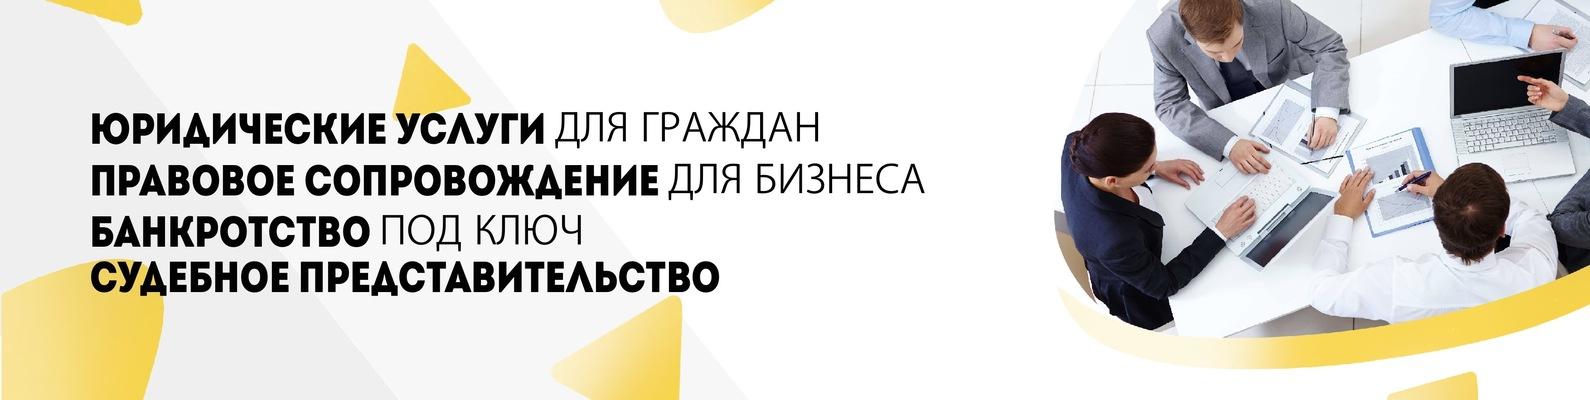 воронежский гей форум юристов